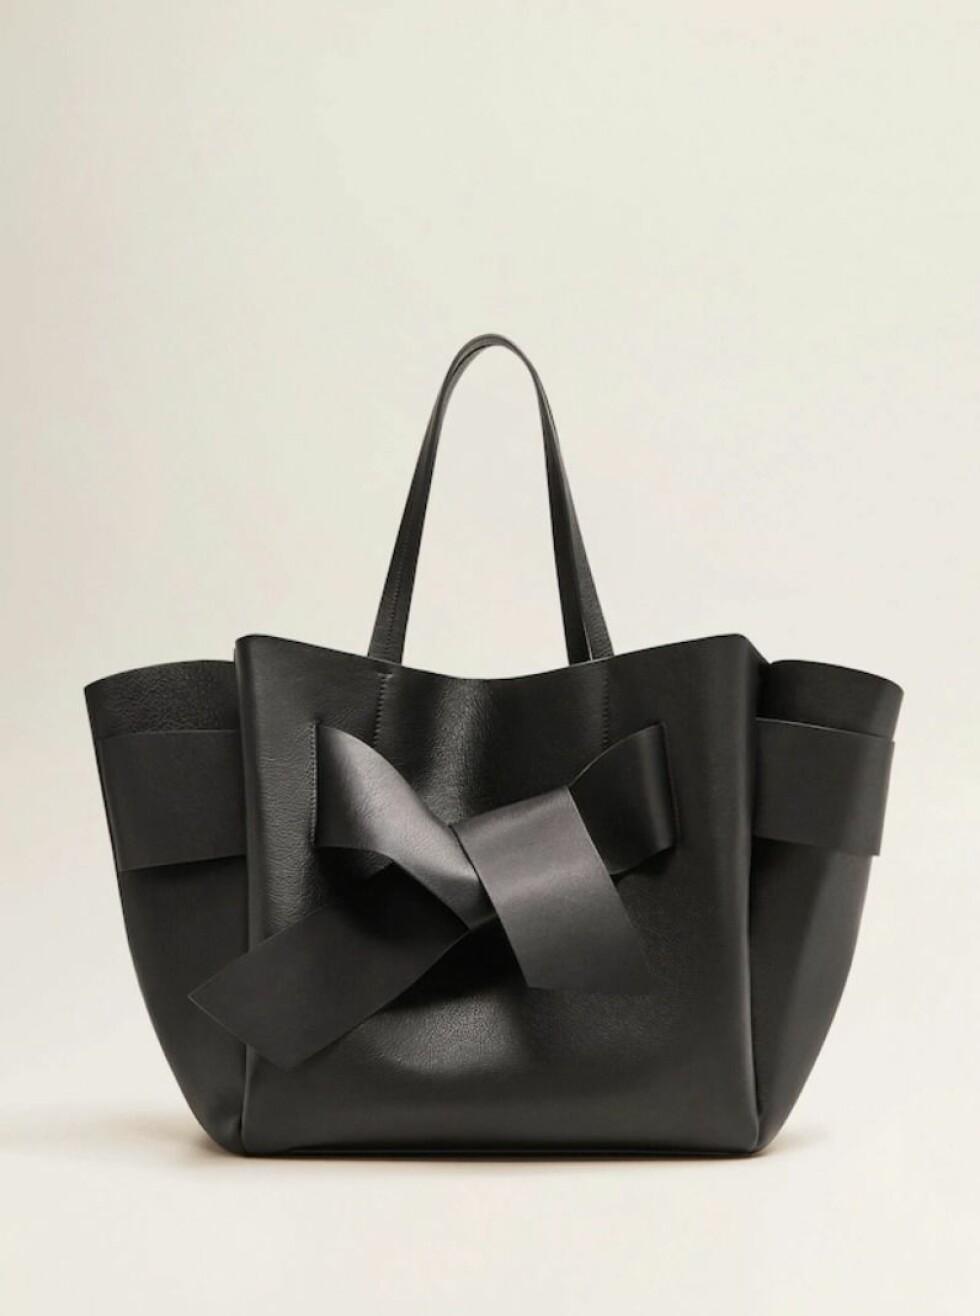 <strong>Veske fra Mango |2700,-|https:</strong>//shop.mango.com/no-en/women/bags-shoppers/leather-shopper-bag_33035789.html?c=99&n=1&s=accesorios_she.accesorio;40,340,440